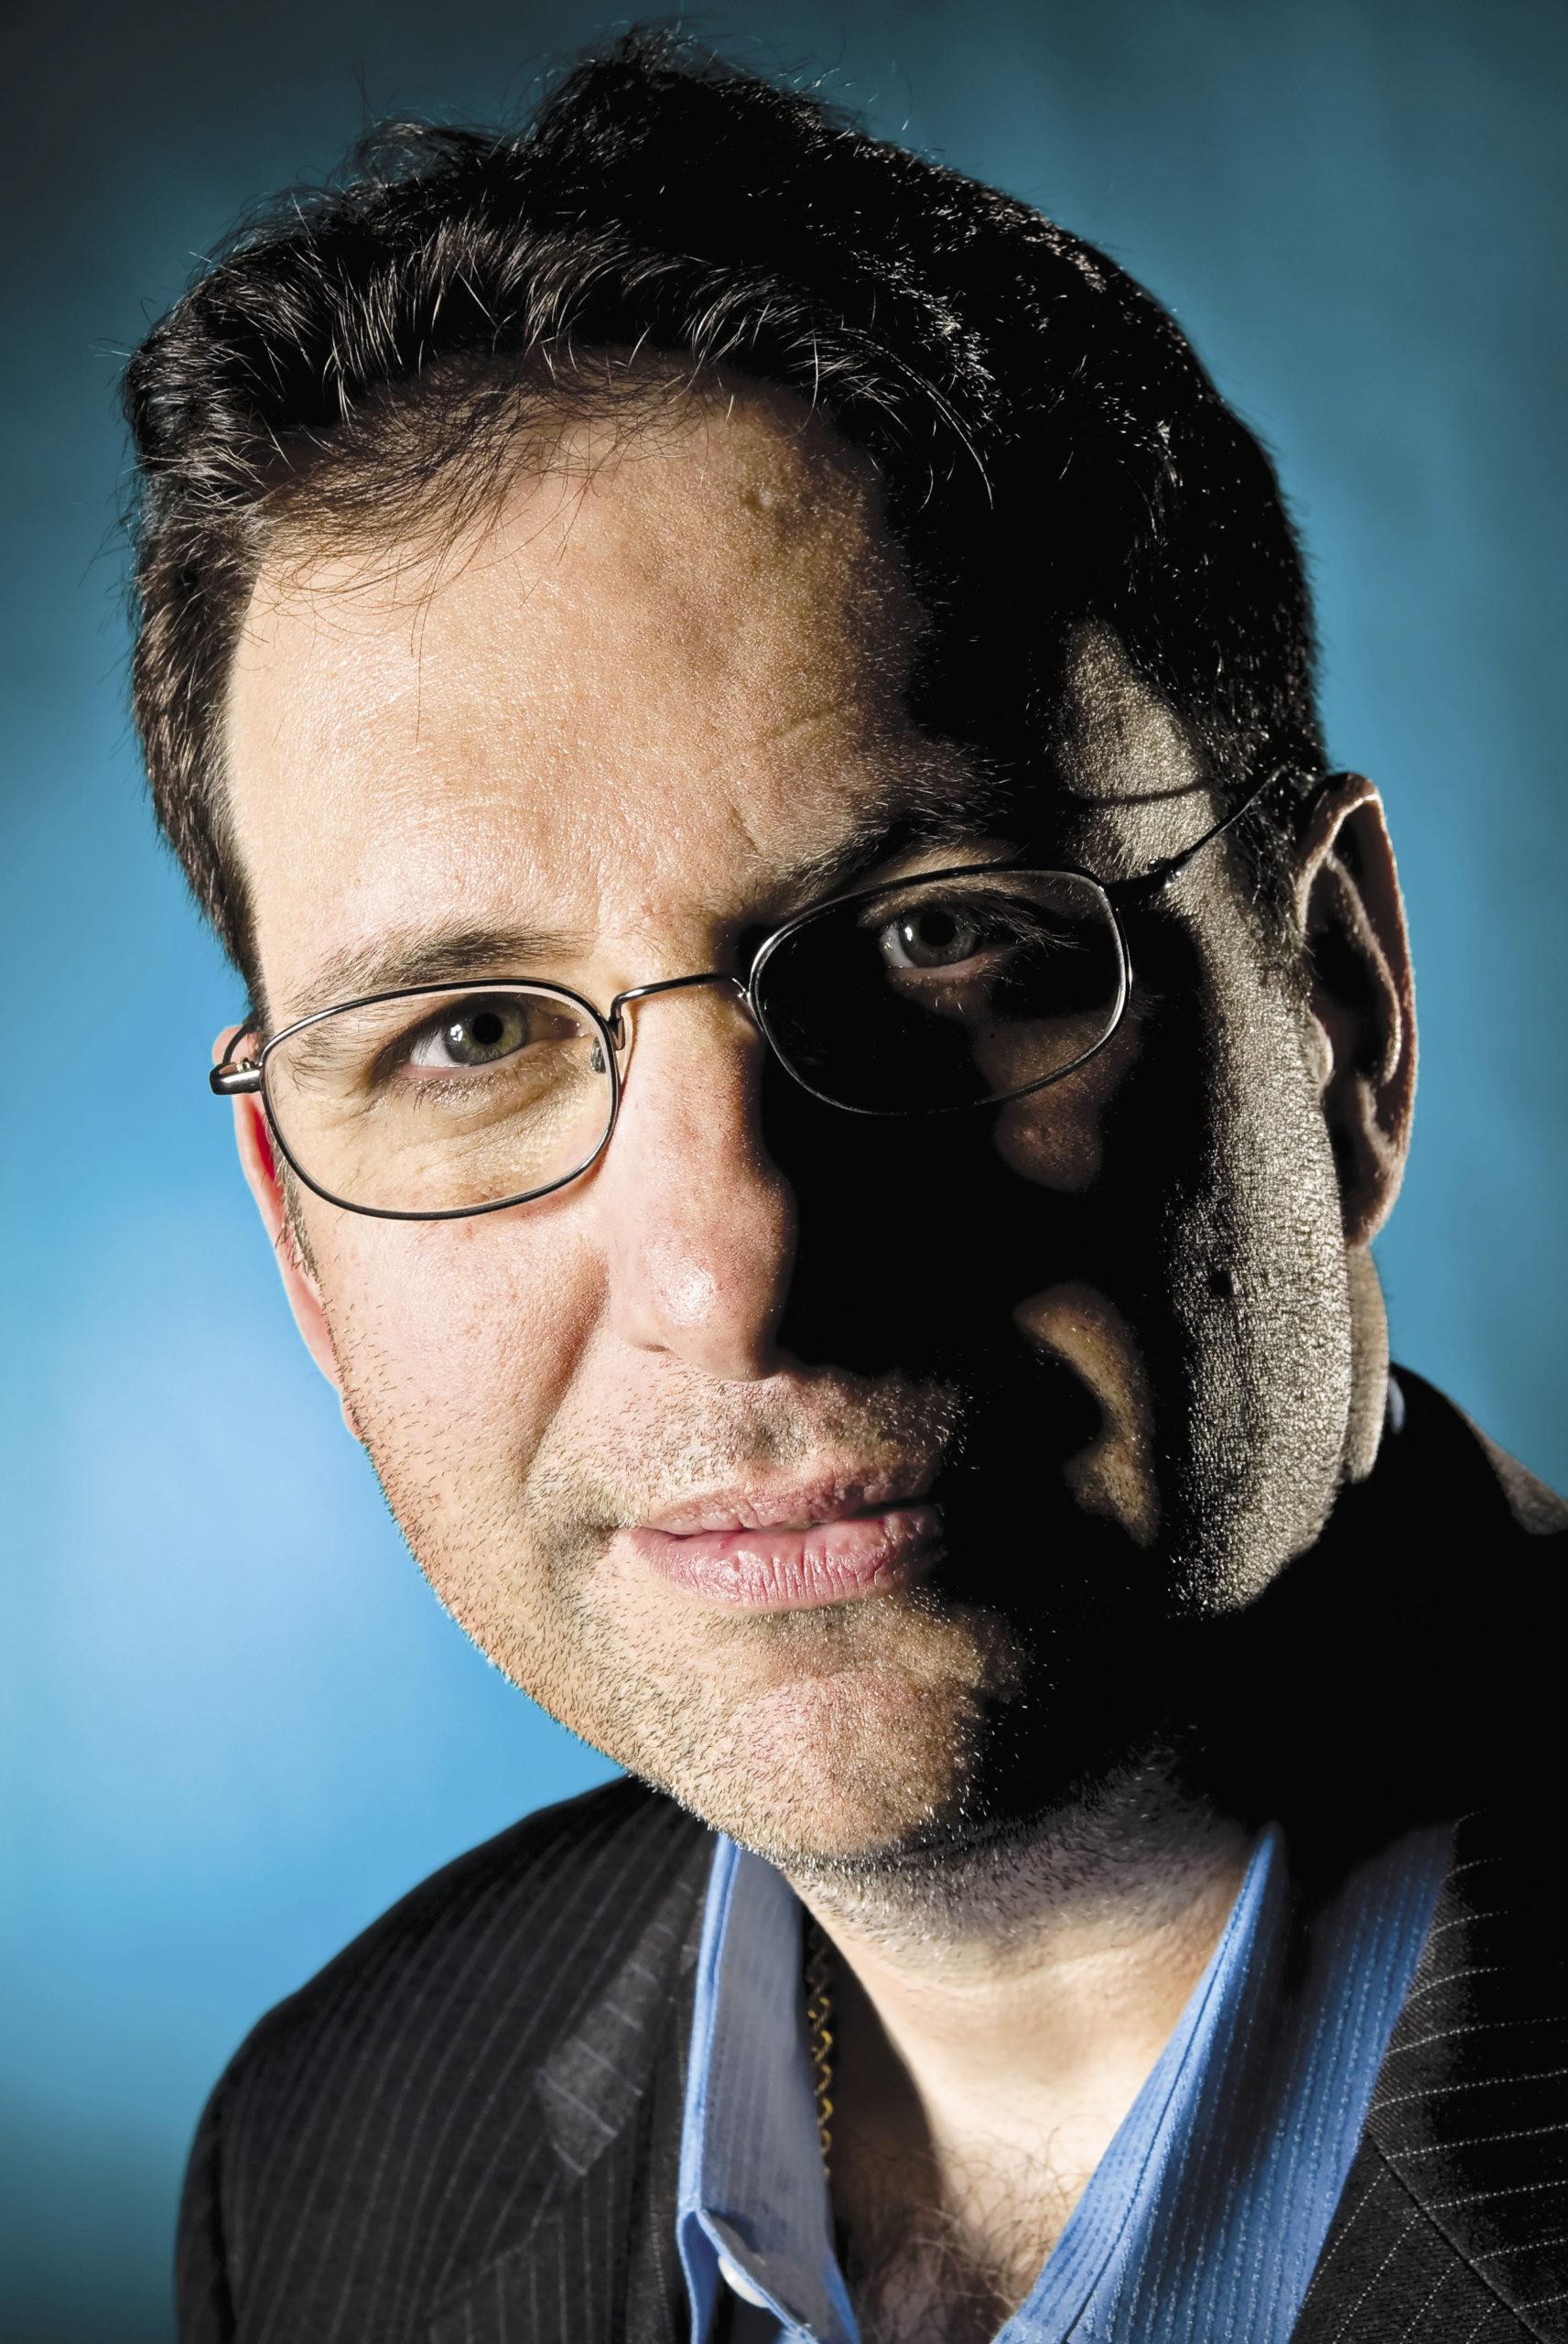 Kevin Mitnick